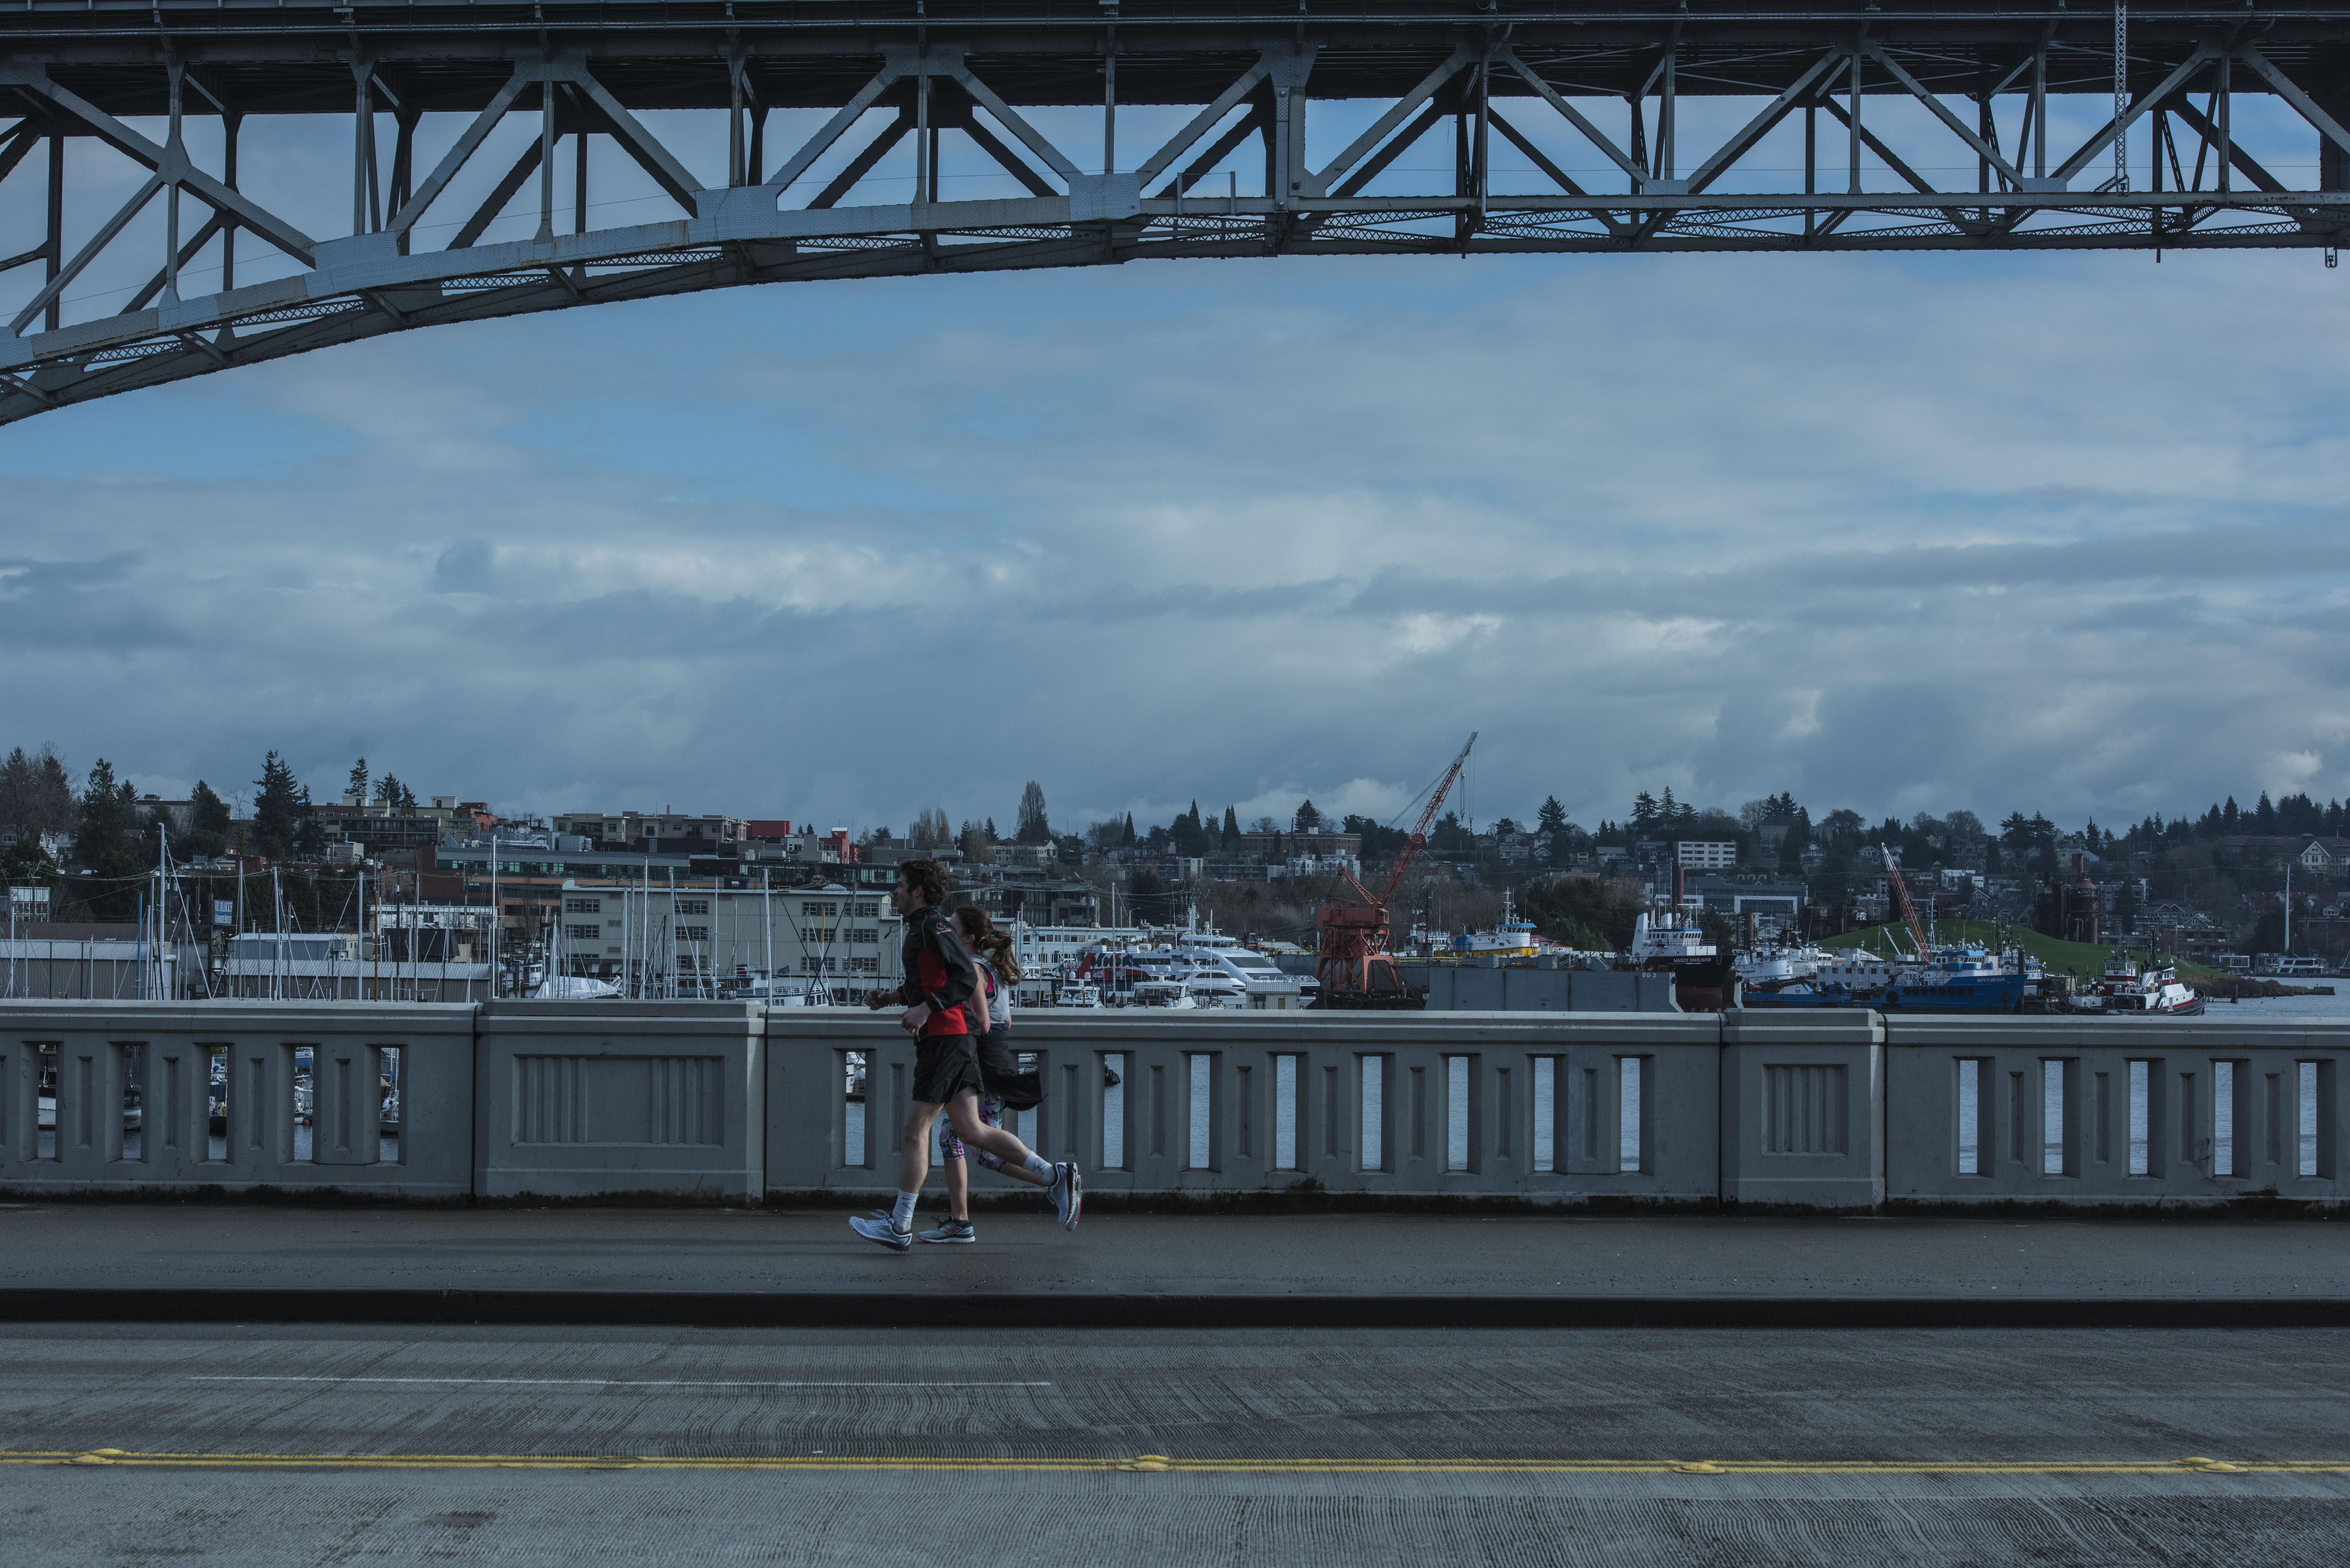 西雅图每年都举办全裸游行,我来悄悄告诉你游行地点